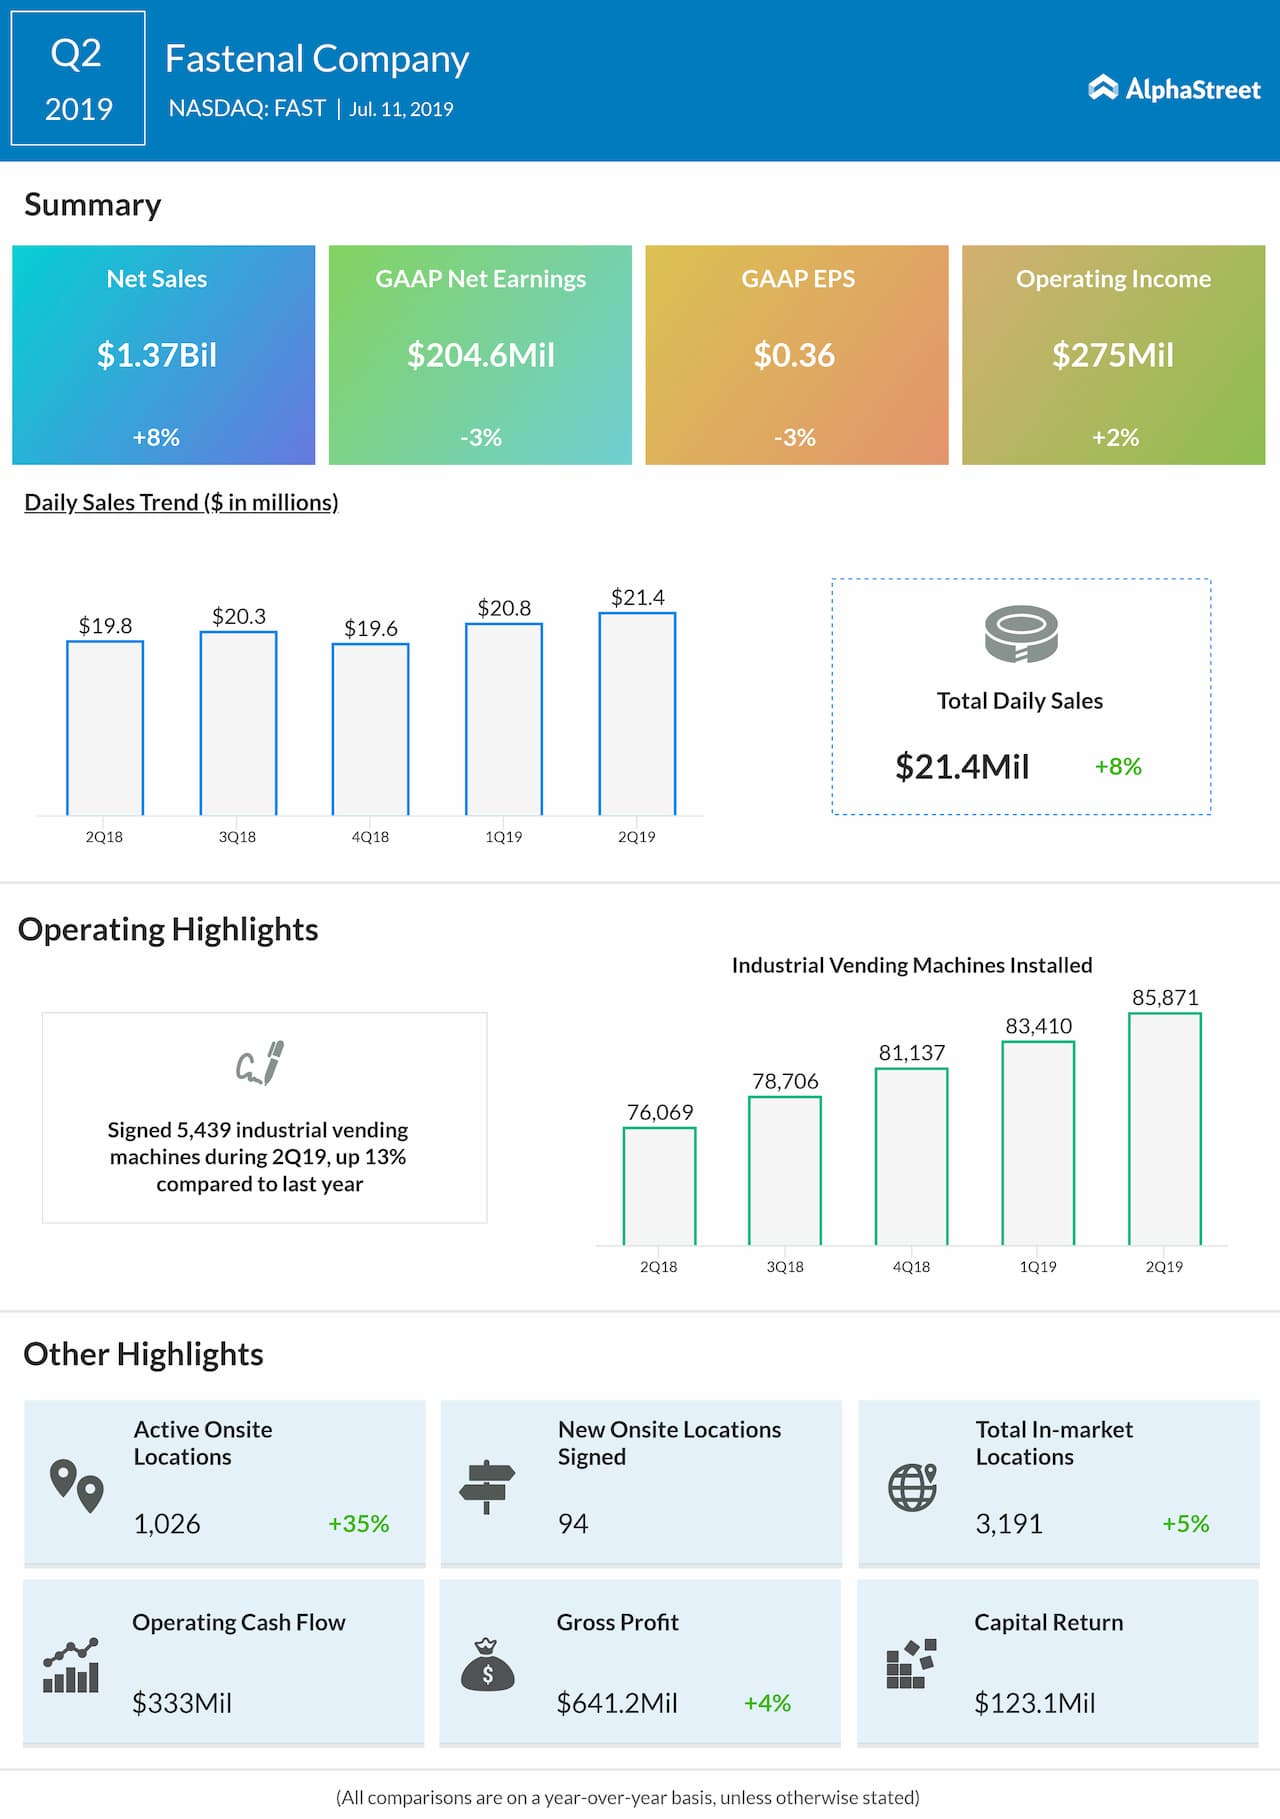 Fastenal (NASDAQ: FAST) Q2 2019 Earnings | AlphaStreet